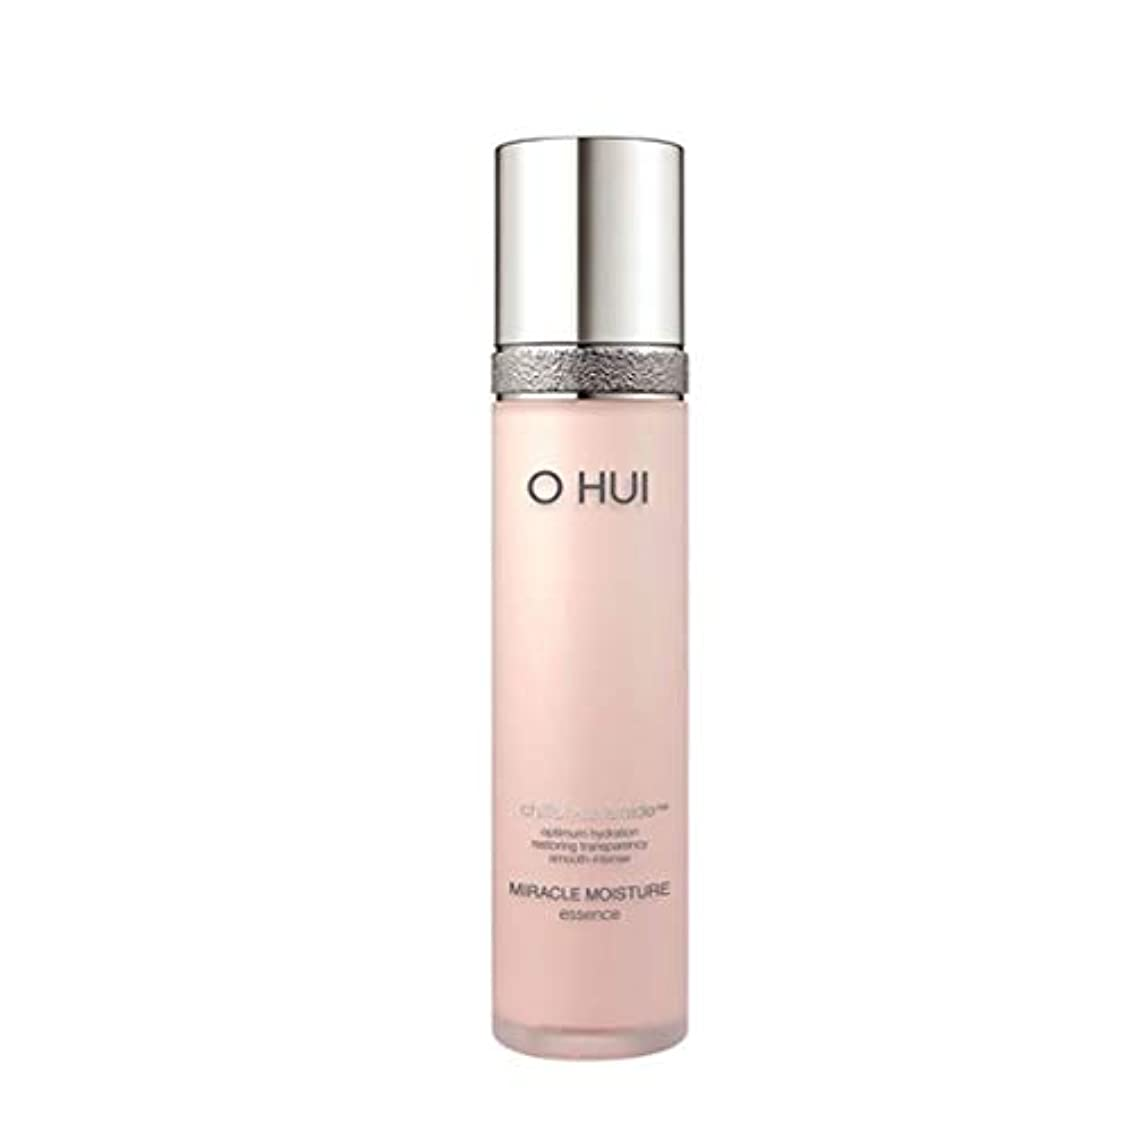 オフィミラクルモイスチャーエッセンス45ml韓国コスメ、O Hui Miracle Moisture Essence 45ml Korean Cosmetics [並行輸入品]